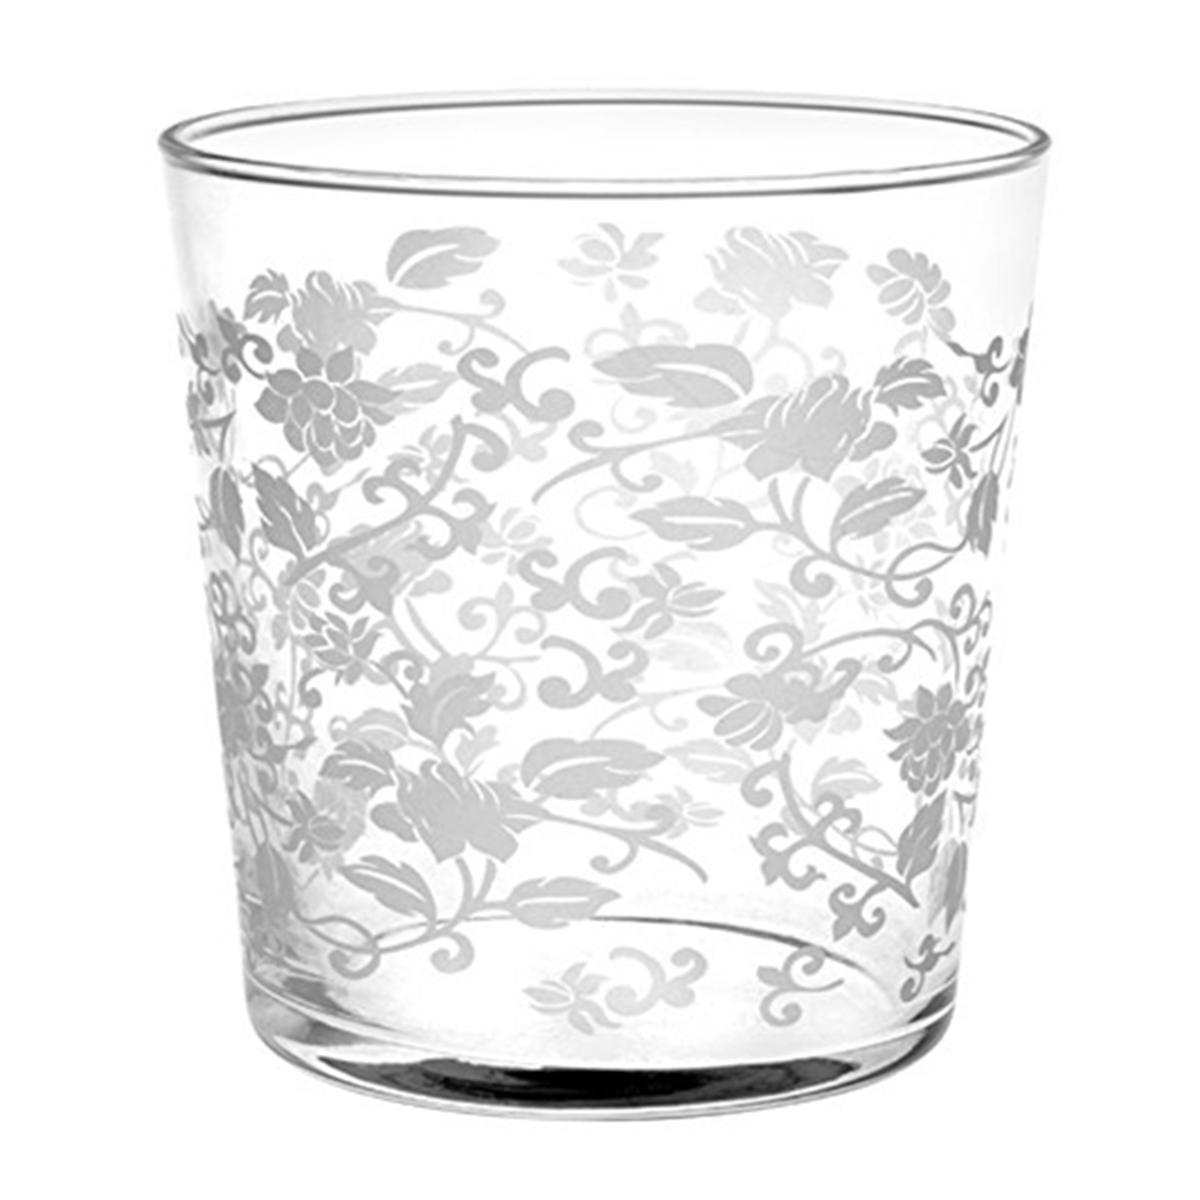 Calici Vino E Acqua set bicchieri 6 pezzi 36cl vetro decorato bicchiere acqua vino giosal